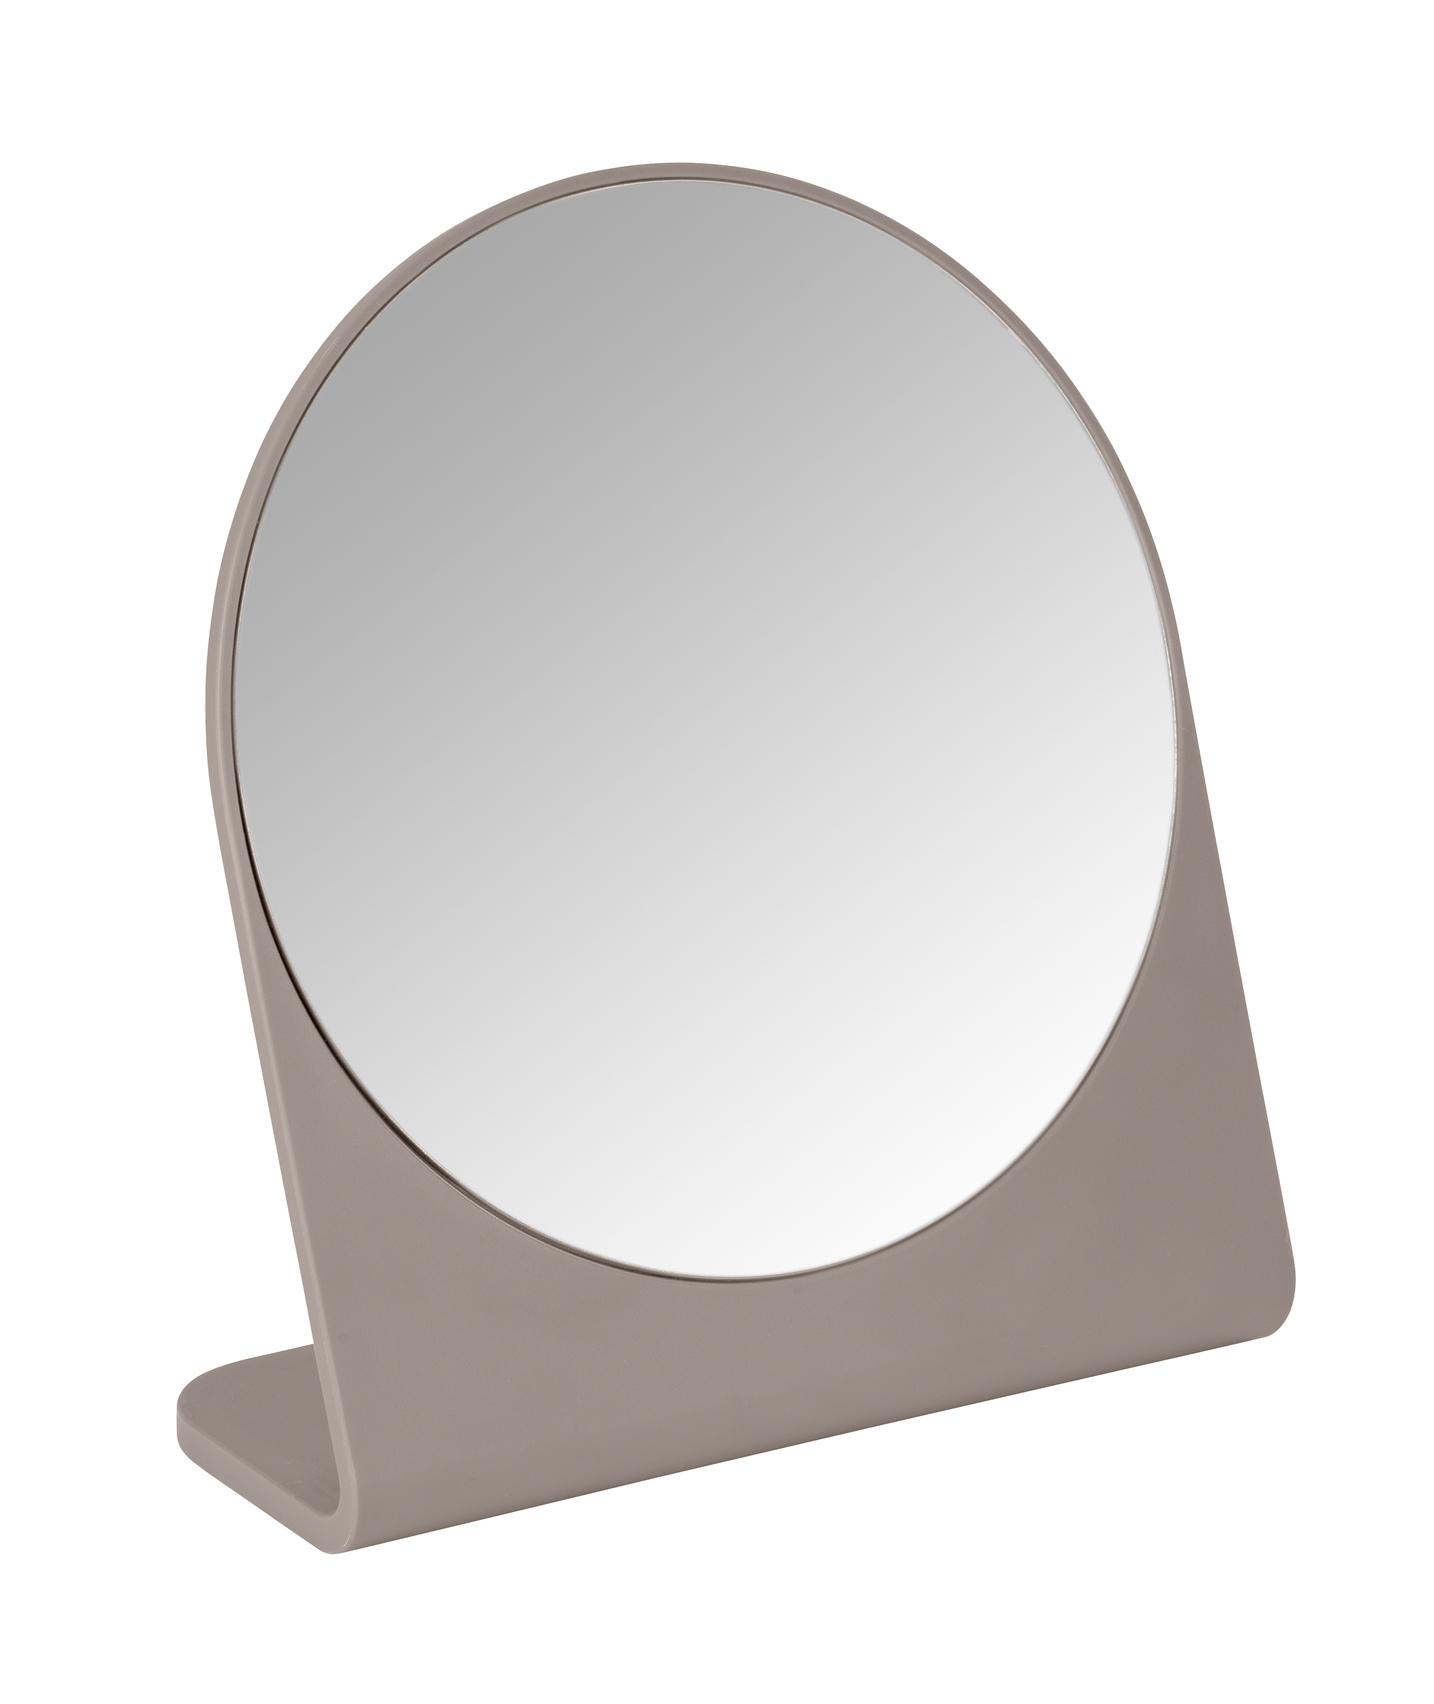 Oglinda cosmetica de masa, Marcon Taupe, L19xl17,5 cm